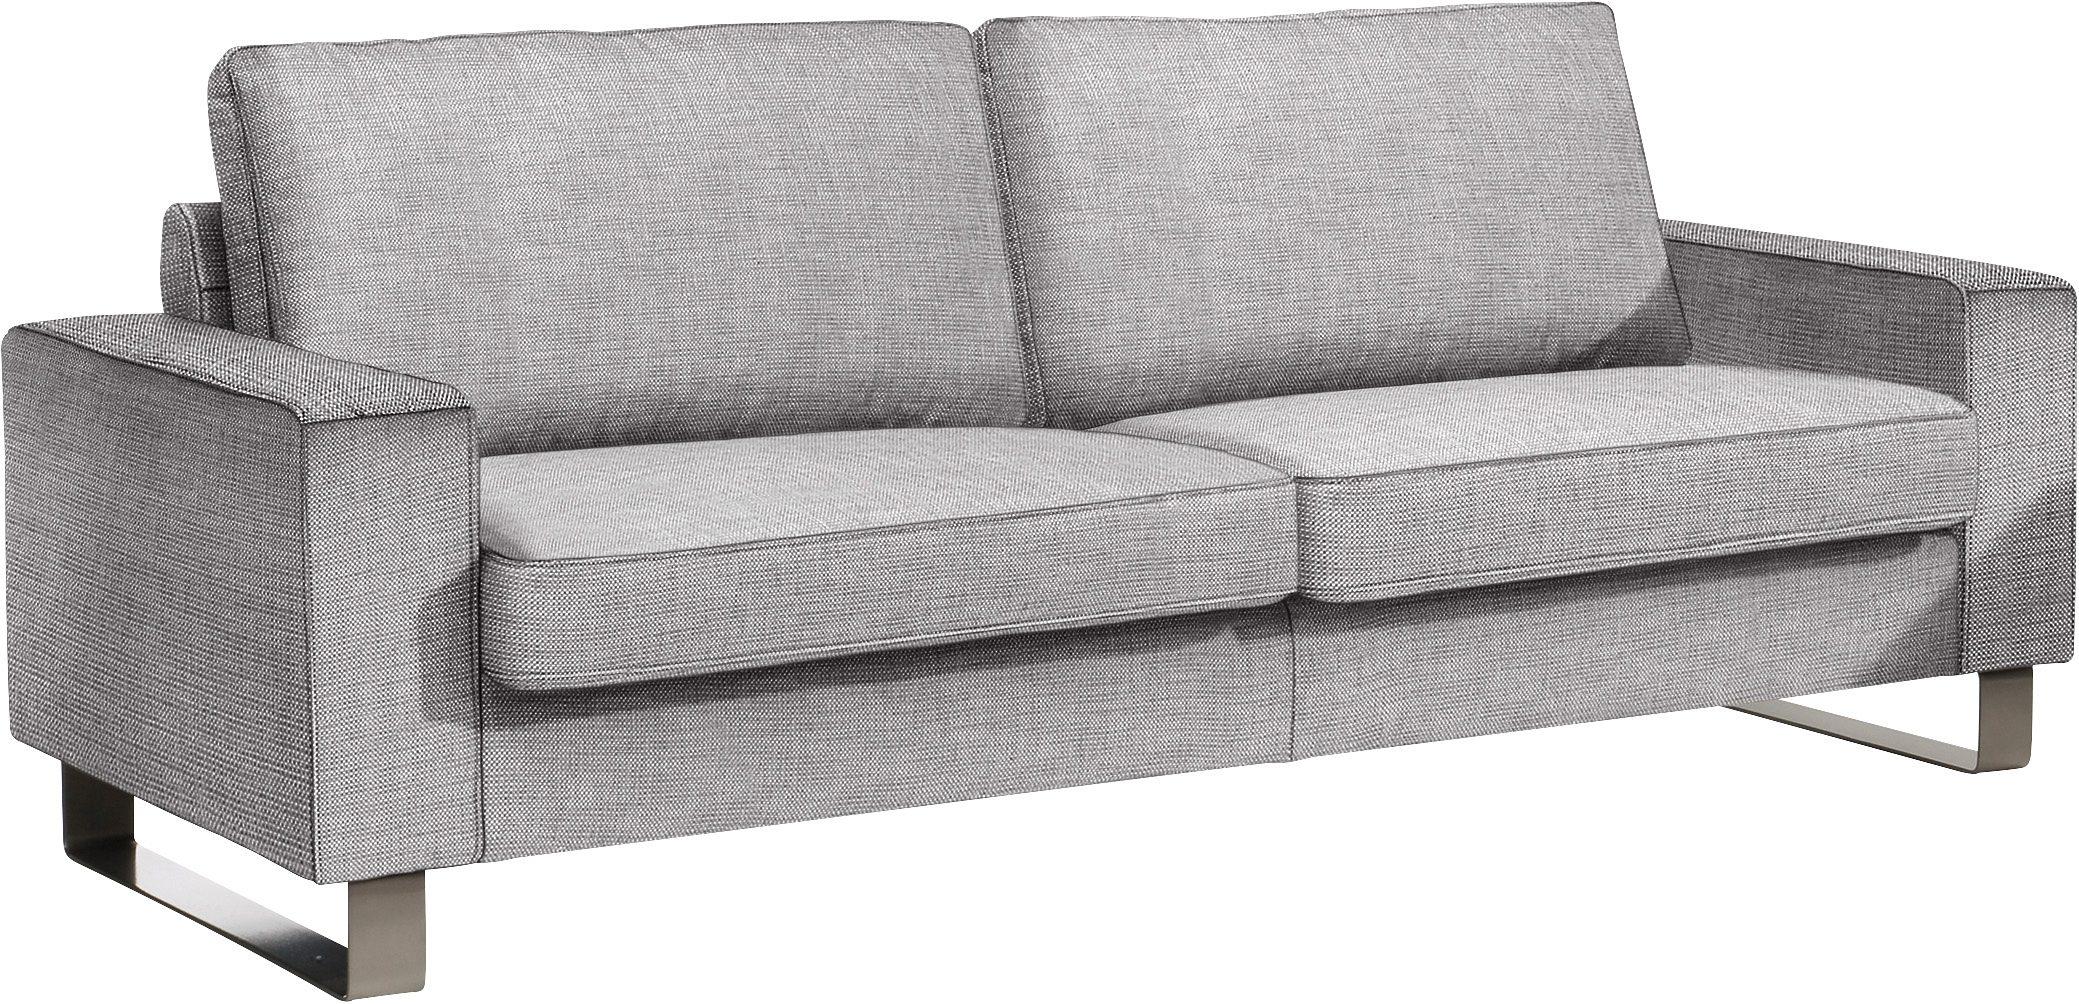 2 sitzer sofas mit schlaffunktion florence sofa sitzer. Black Bedroom Furniture Sets. Home Design Ideas